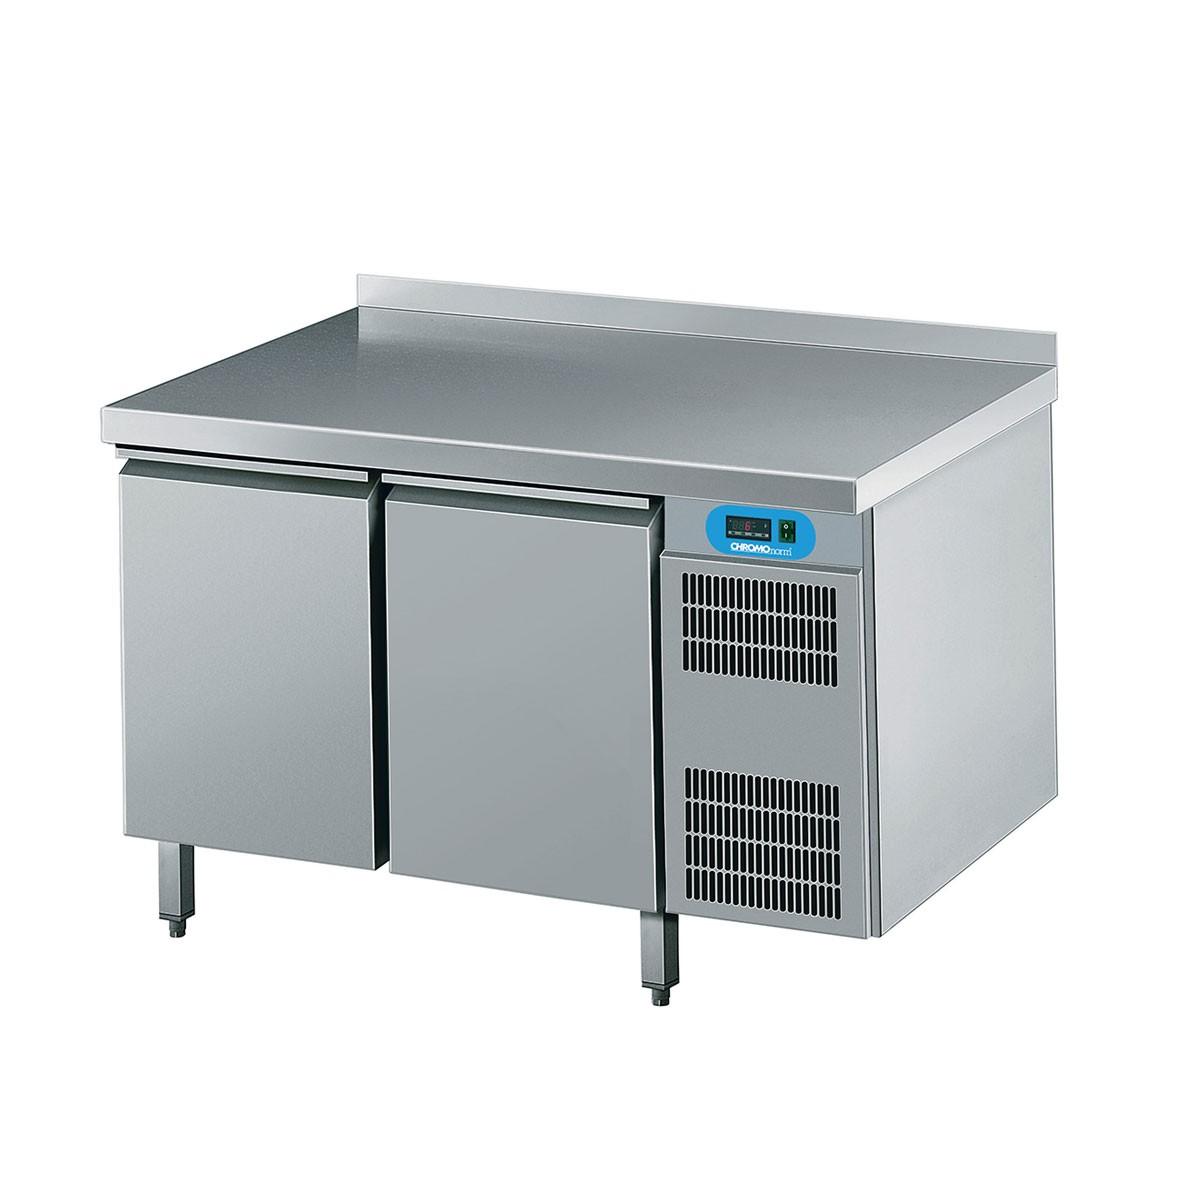 Chromonorm Bäckerei Tiefkühltisch mit 2 Flügeltüren 1400 x 800mm CTKEK8246601